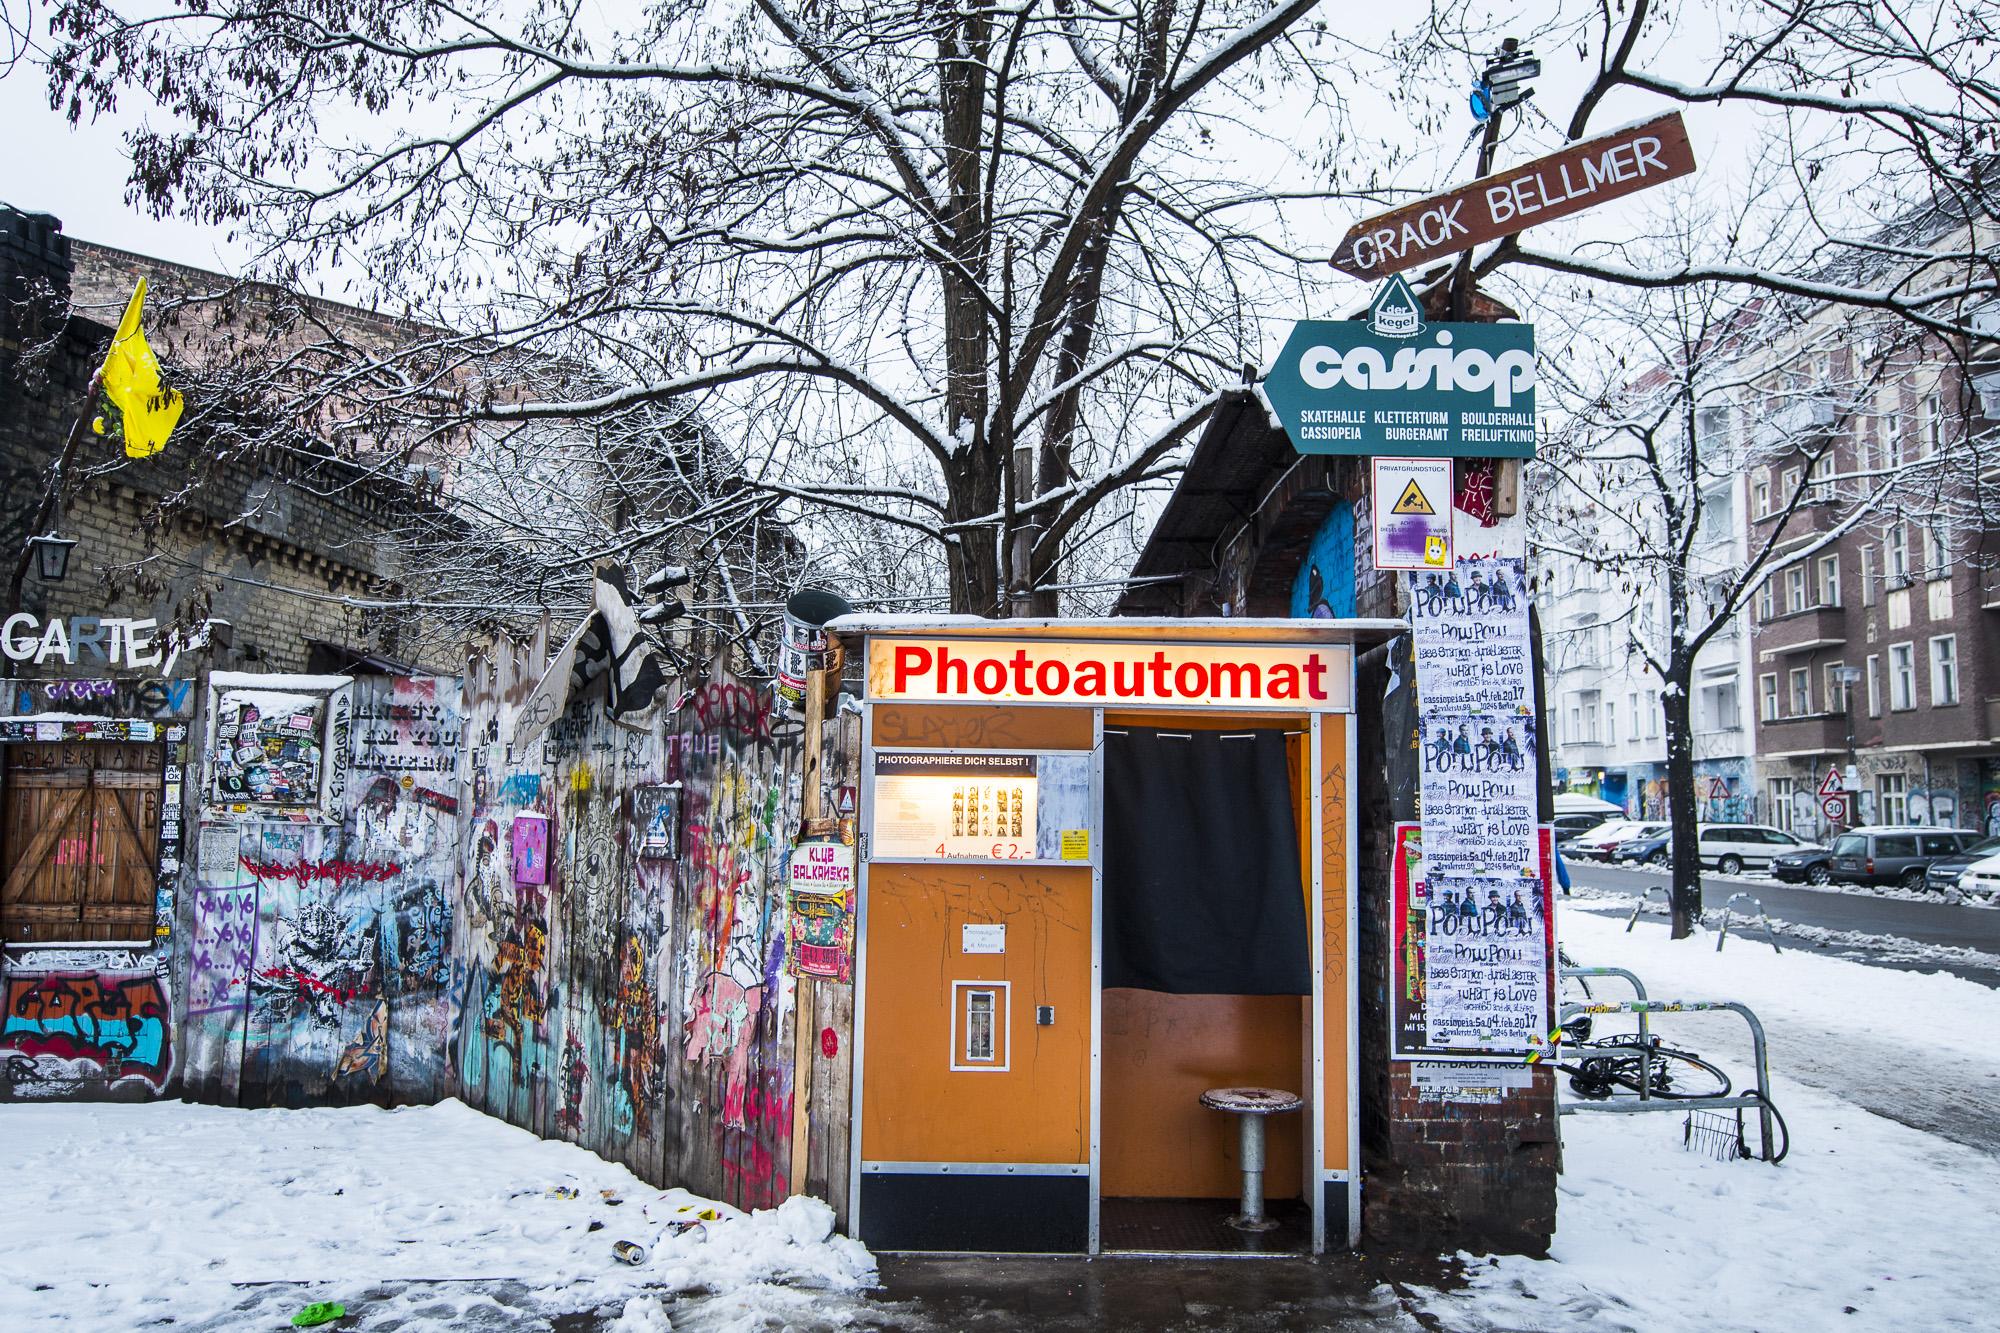 Revaler Straßer 99  PHOTOGRAPHY: ALEXANDER J.E. BRADLEY • NIKON D500 • AF-S NIKKOR 14-24MM F/2.8G ED @ 17MM • F/3.5 • 1/50 • ISO 200